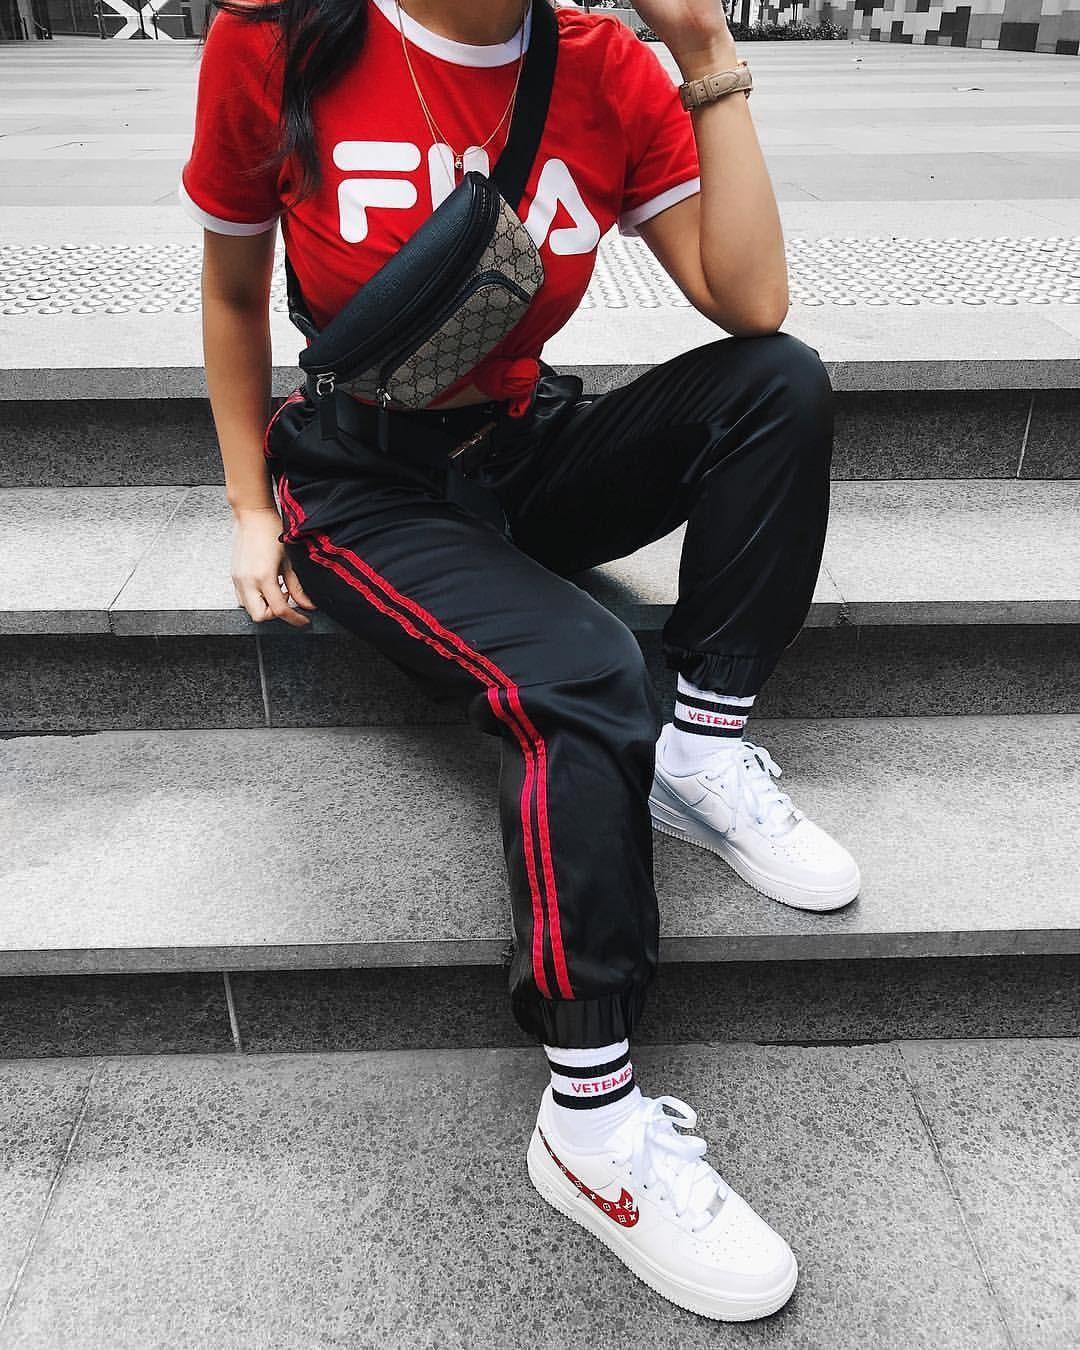 51ae1bbc1100 Top  tumblr fila hoodie black hoodie tights net tights fishnet tights pants  black pants joggers